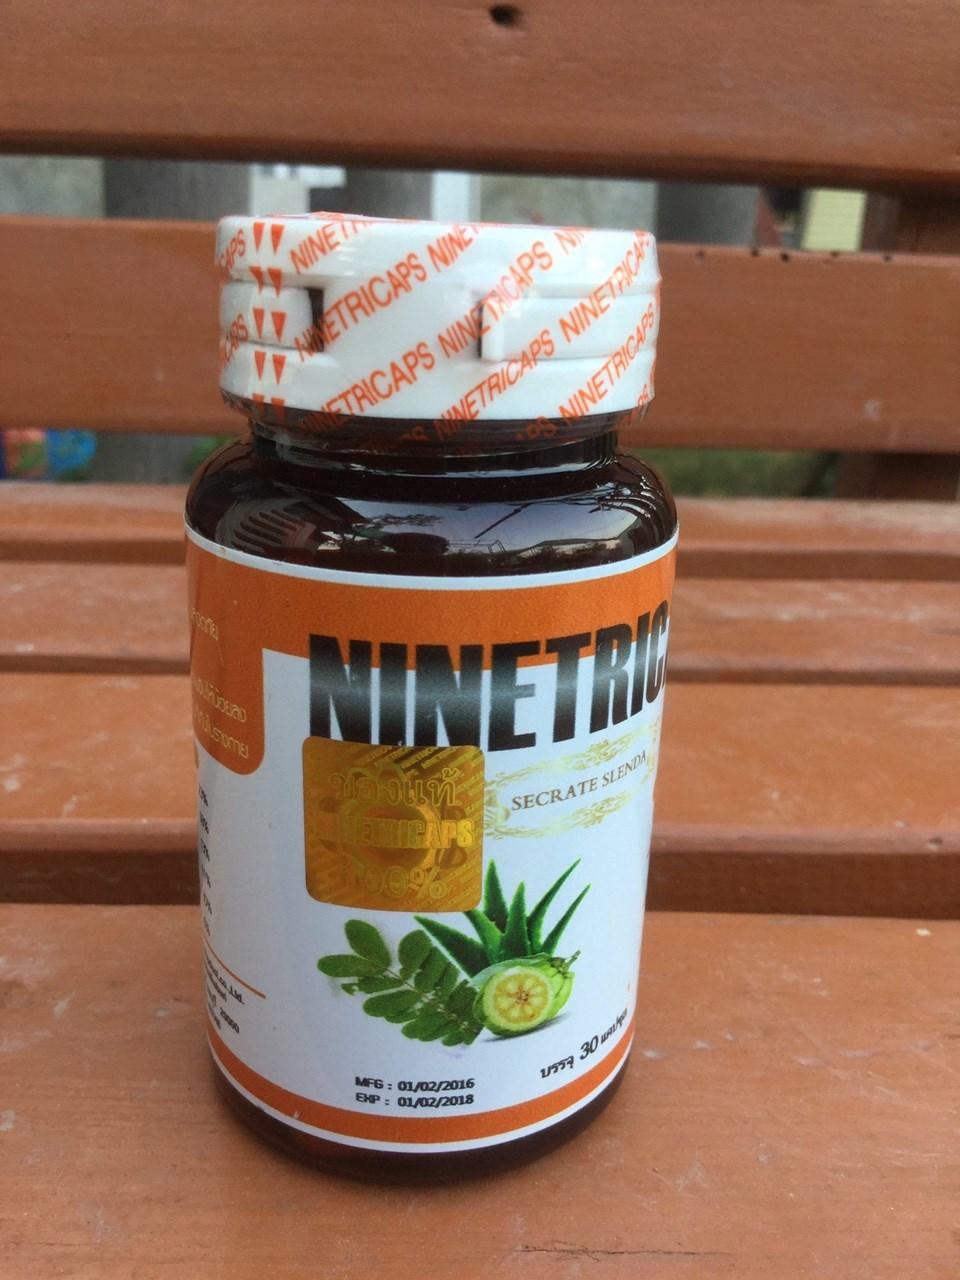 Ninetricaps ไนท์ตริแคป ช่วยขับถ่าย ลดน้ำหนัก ดีท๊อกลำใส้